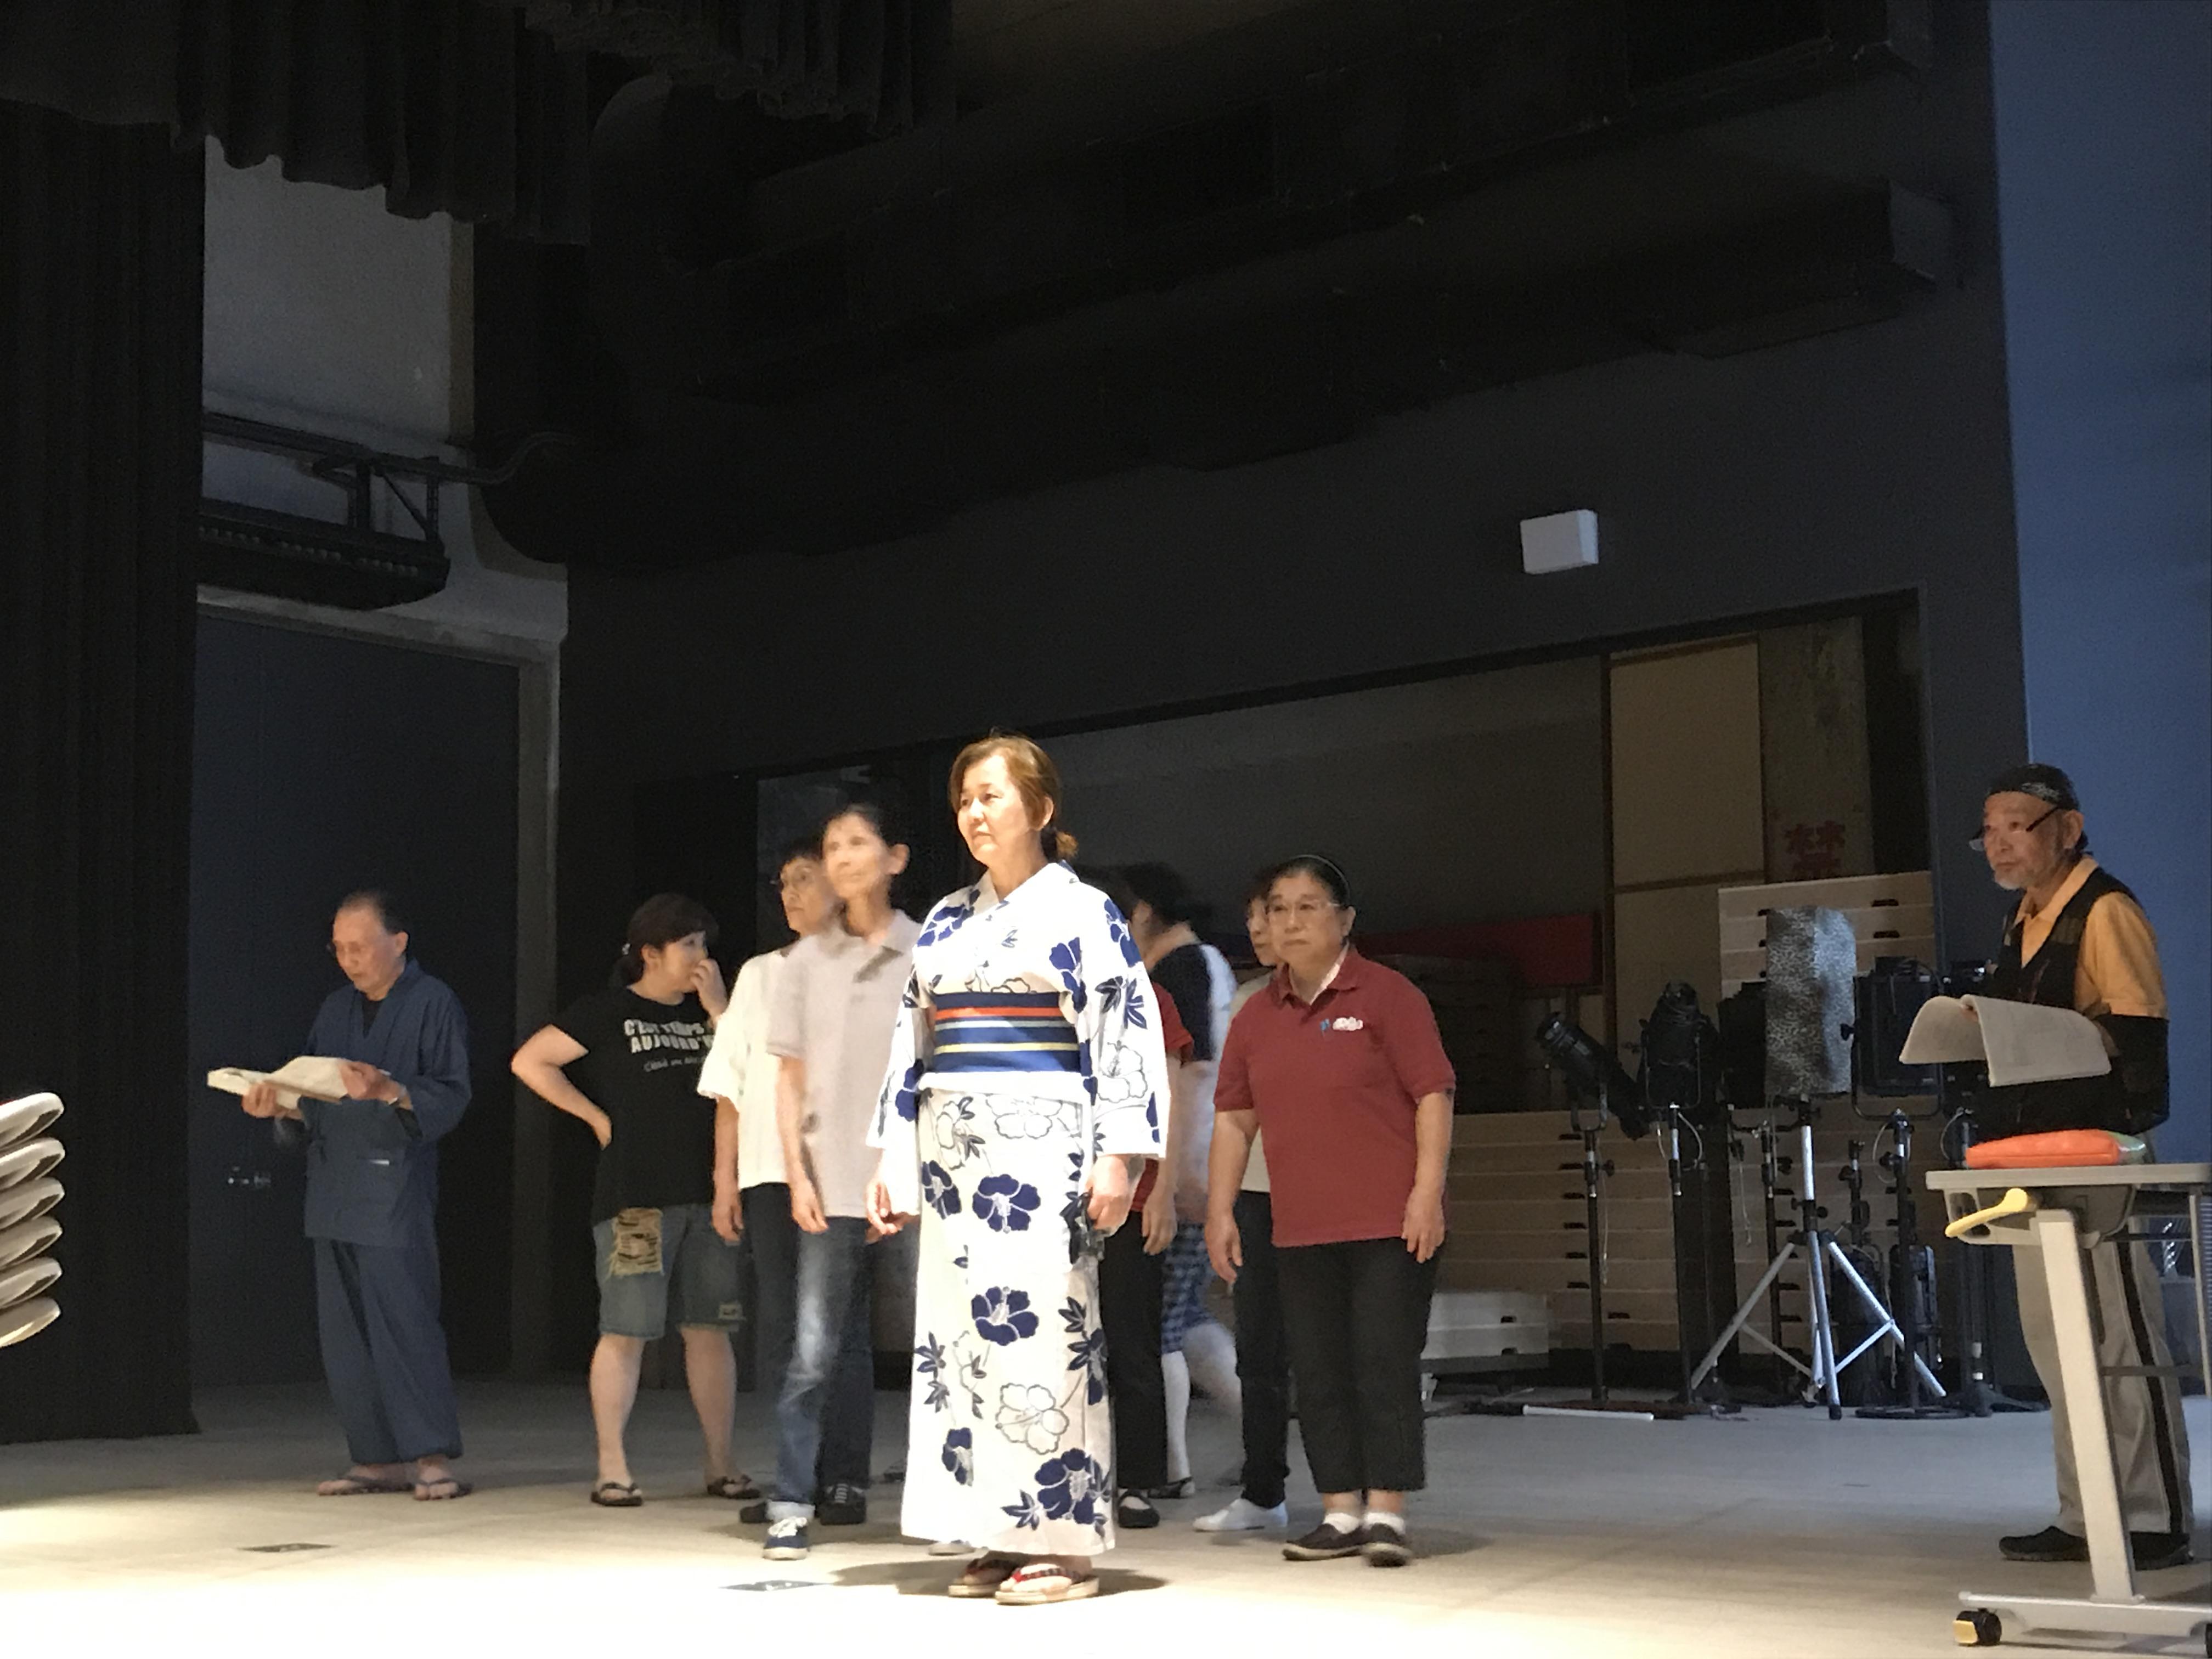 糸魚川大火からの復興「糸魚川青年会議所創立50周年記念事業 ミュ